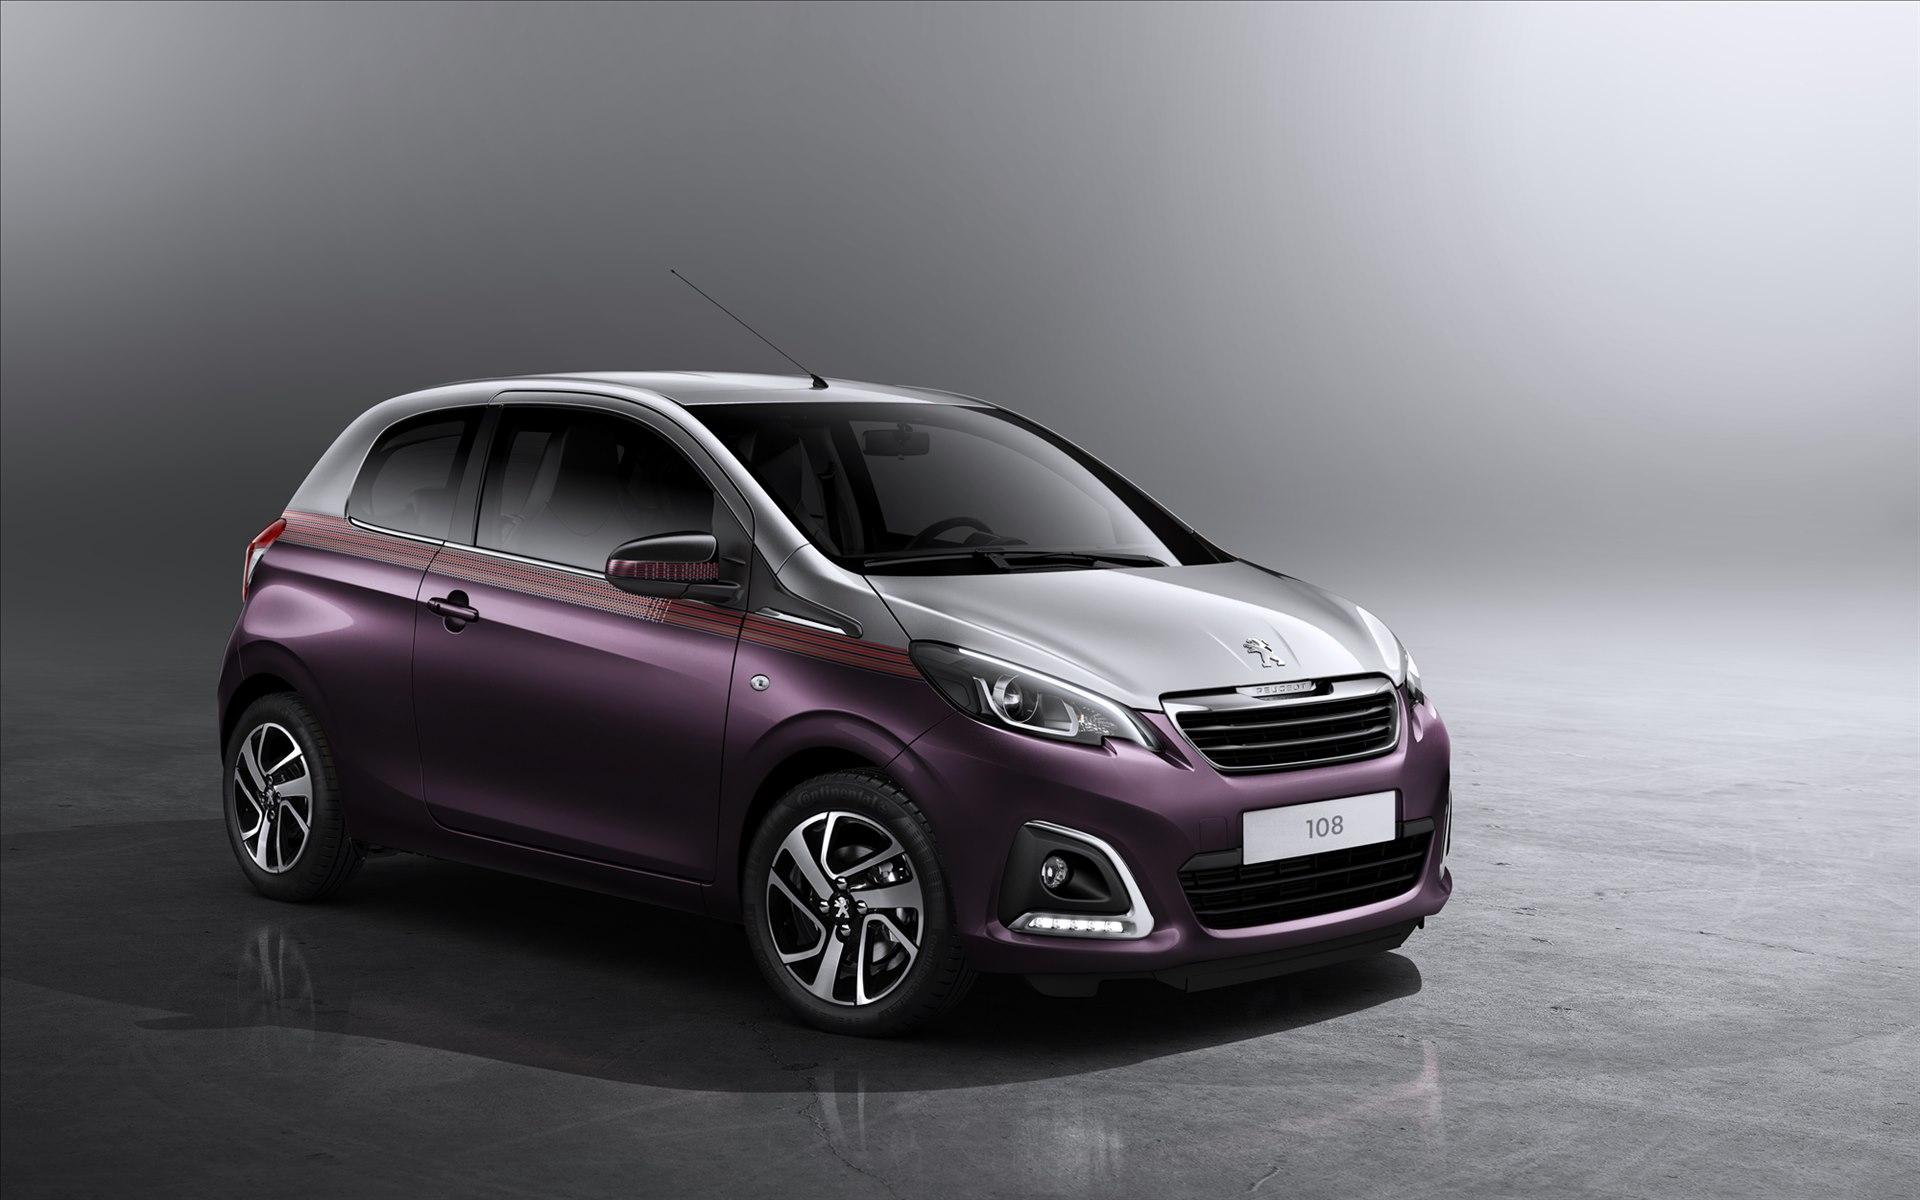 2015 Peugeot 108 Wallpaper | HD Car Wallpapers